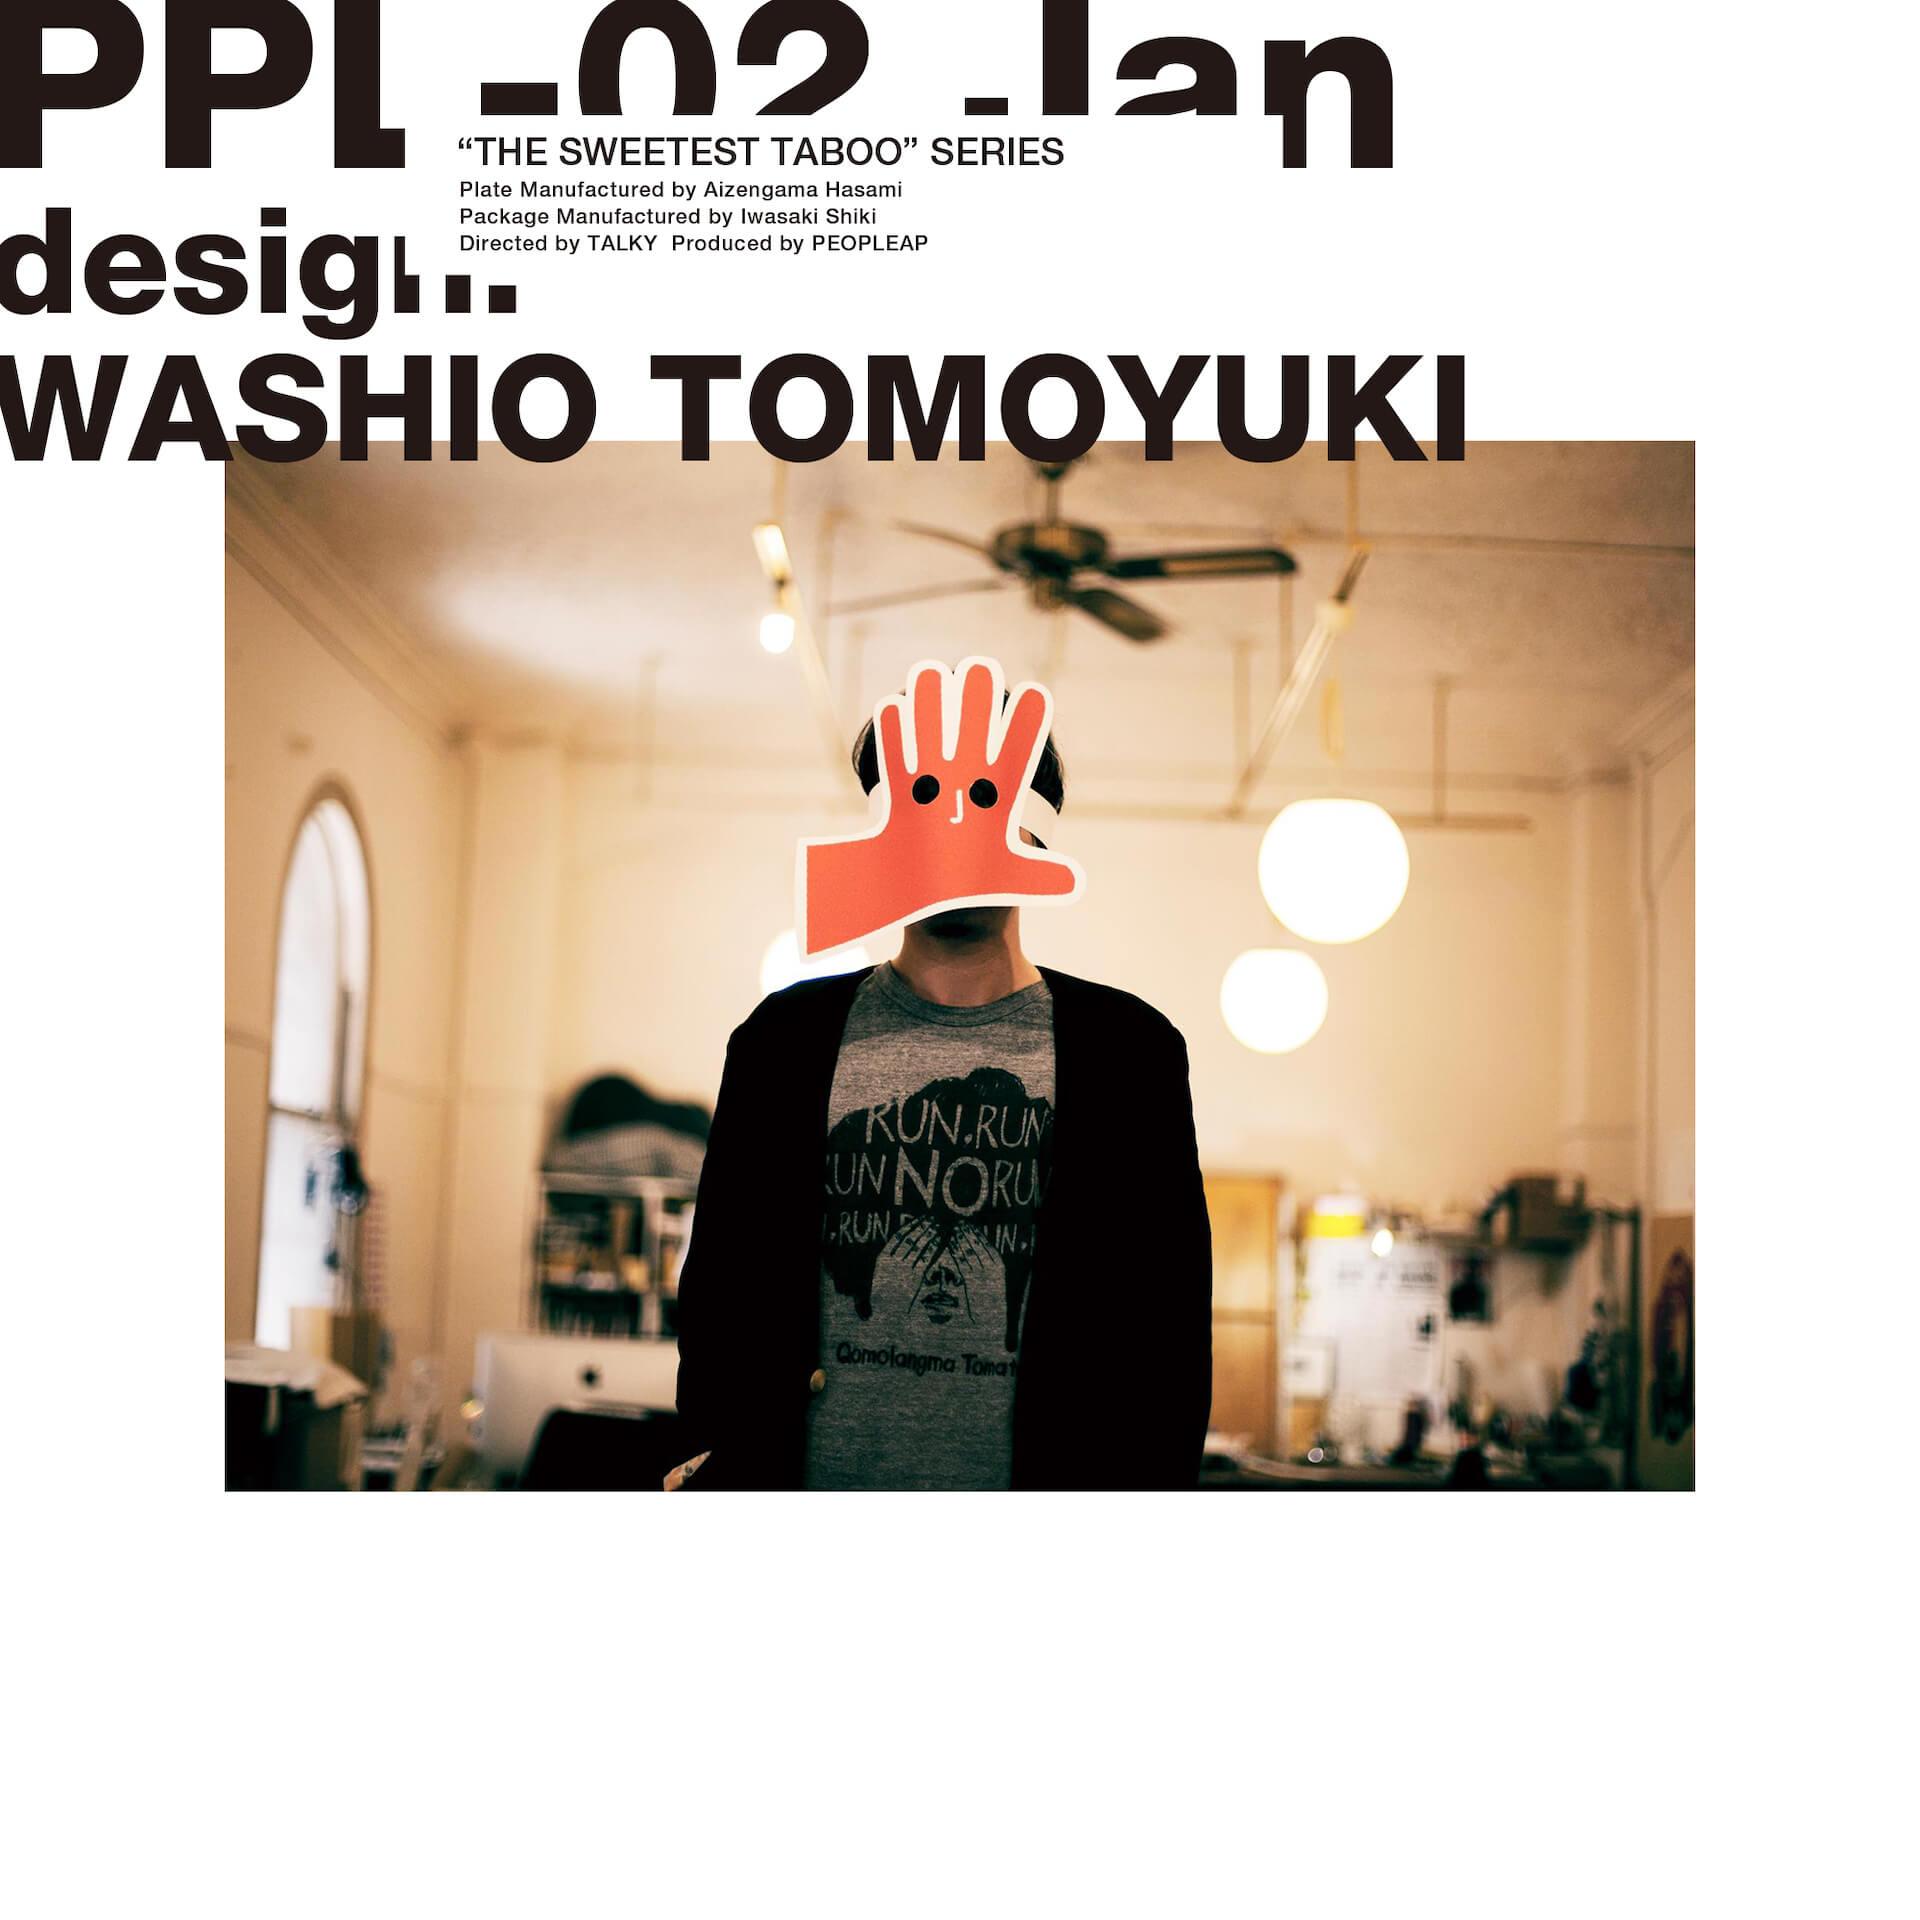 インタビュー:PEOPLEAP『THE SWEETEST TABOO』シリーズ Vol.4 KO-TA SHOJI/WASHIO TOMOYUKI interview211013_peopleap_2